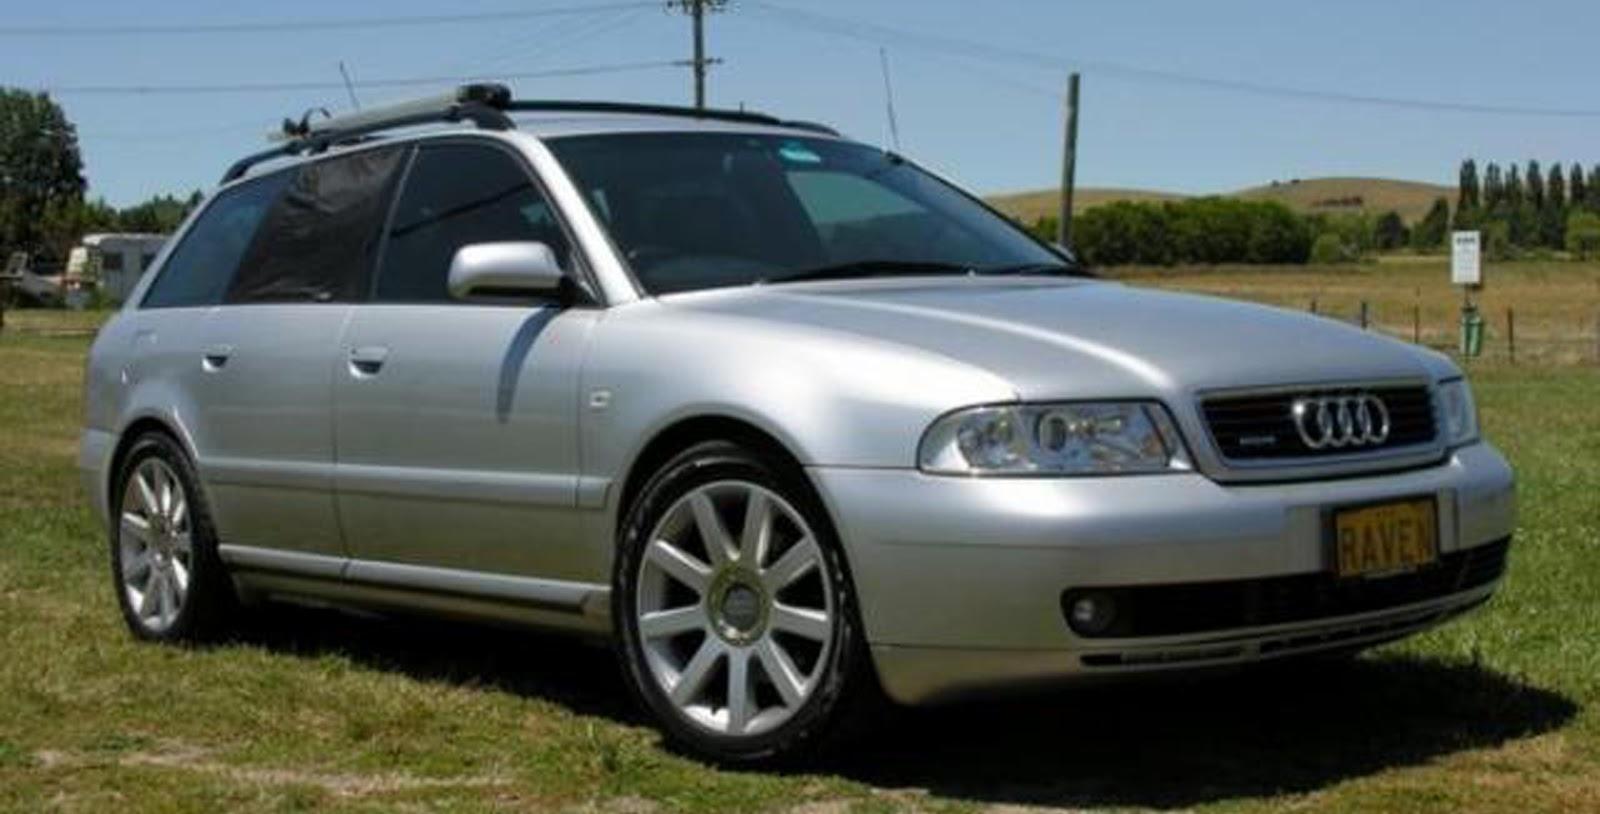 d929a854-05e1-47e5-8dcc-b31415e53add 2003 Audi A4 1.8T